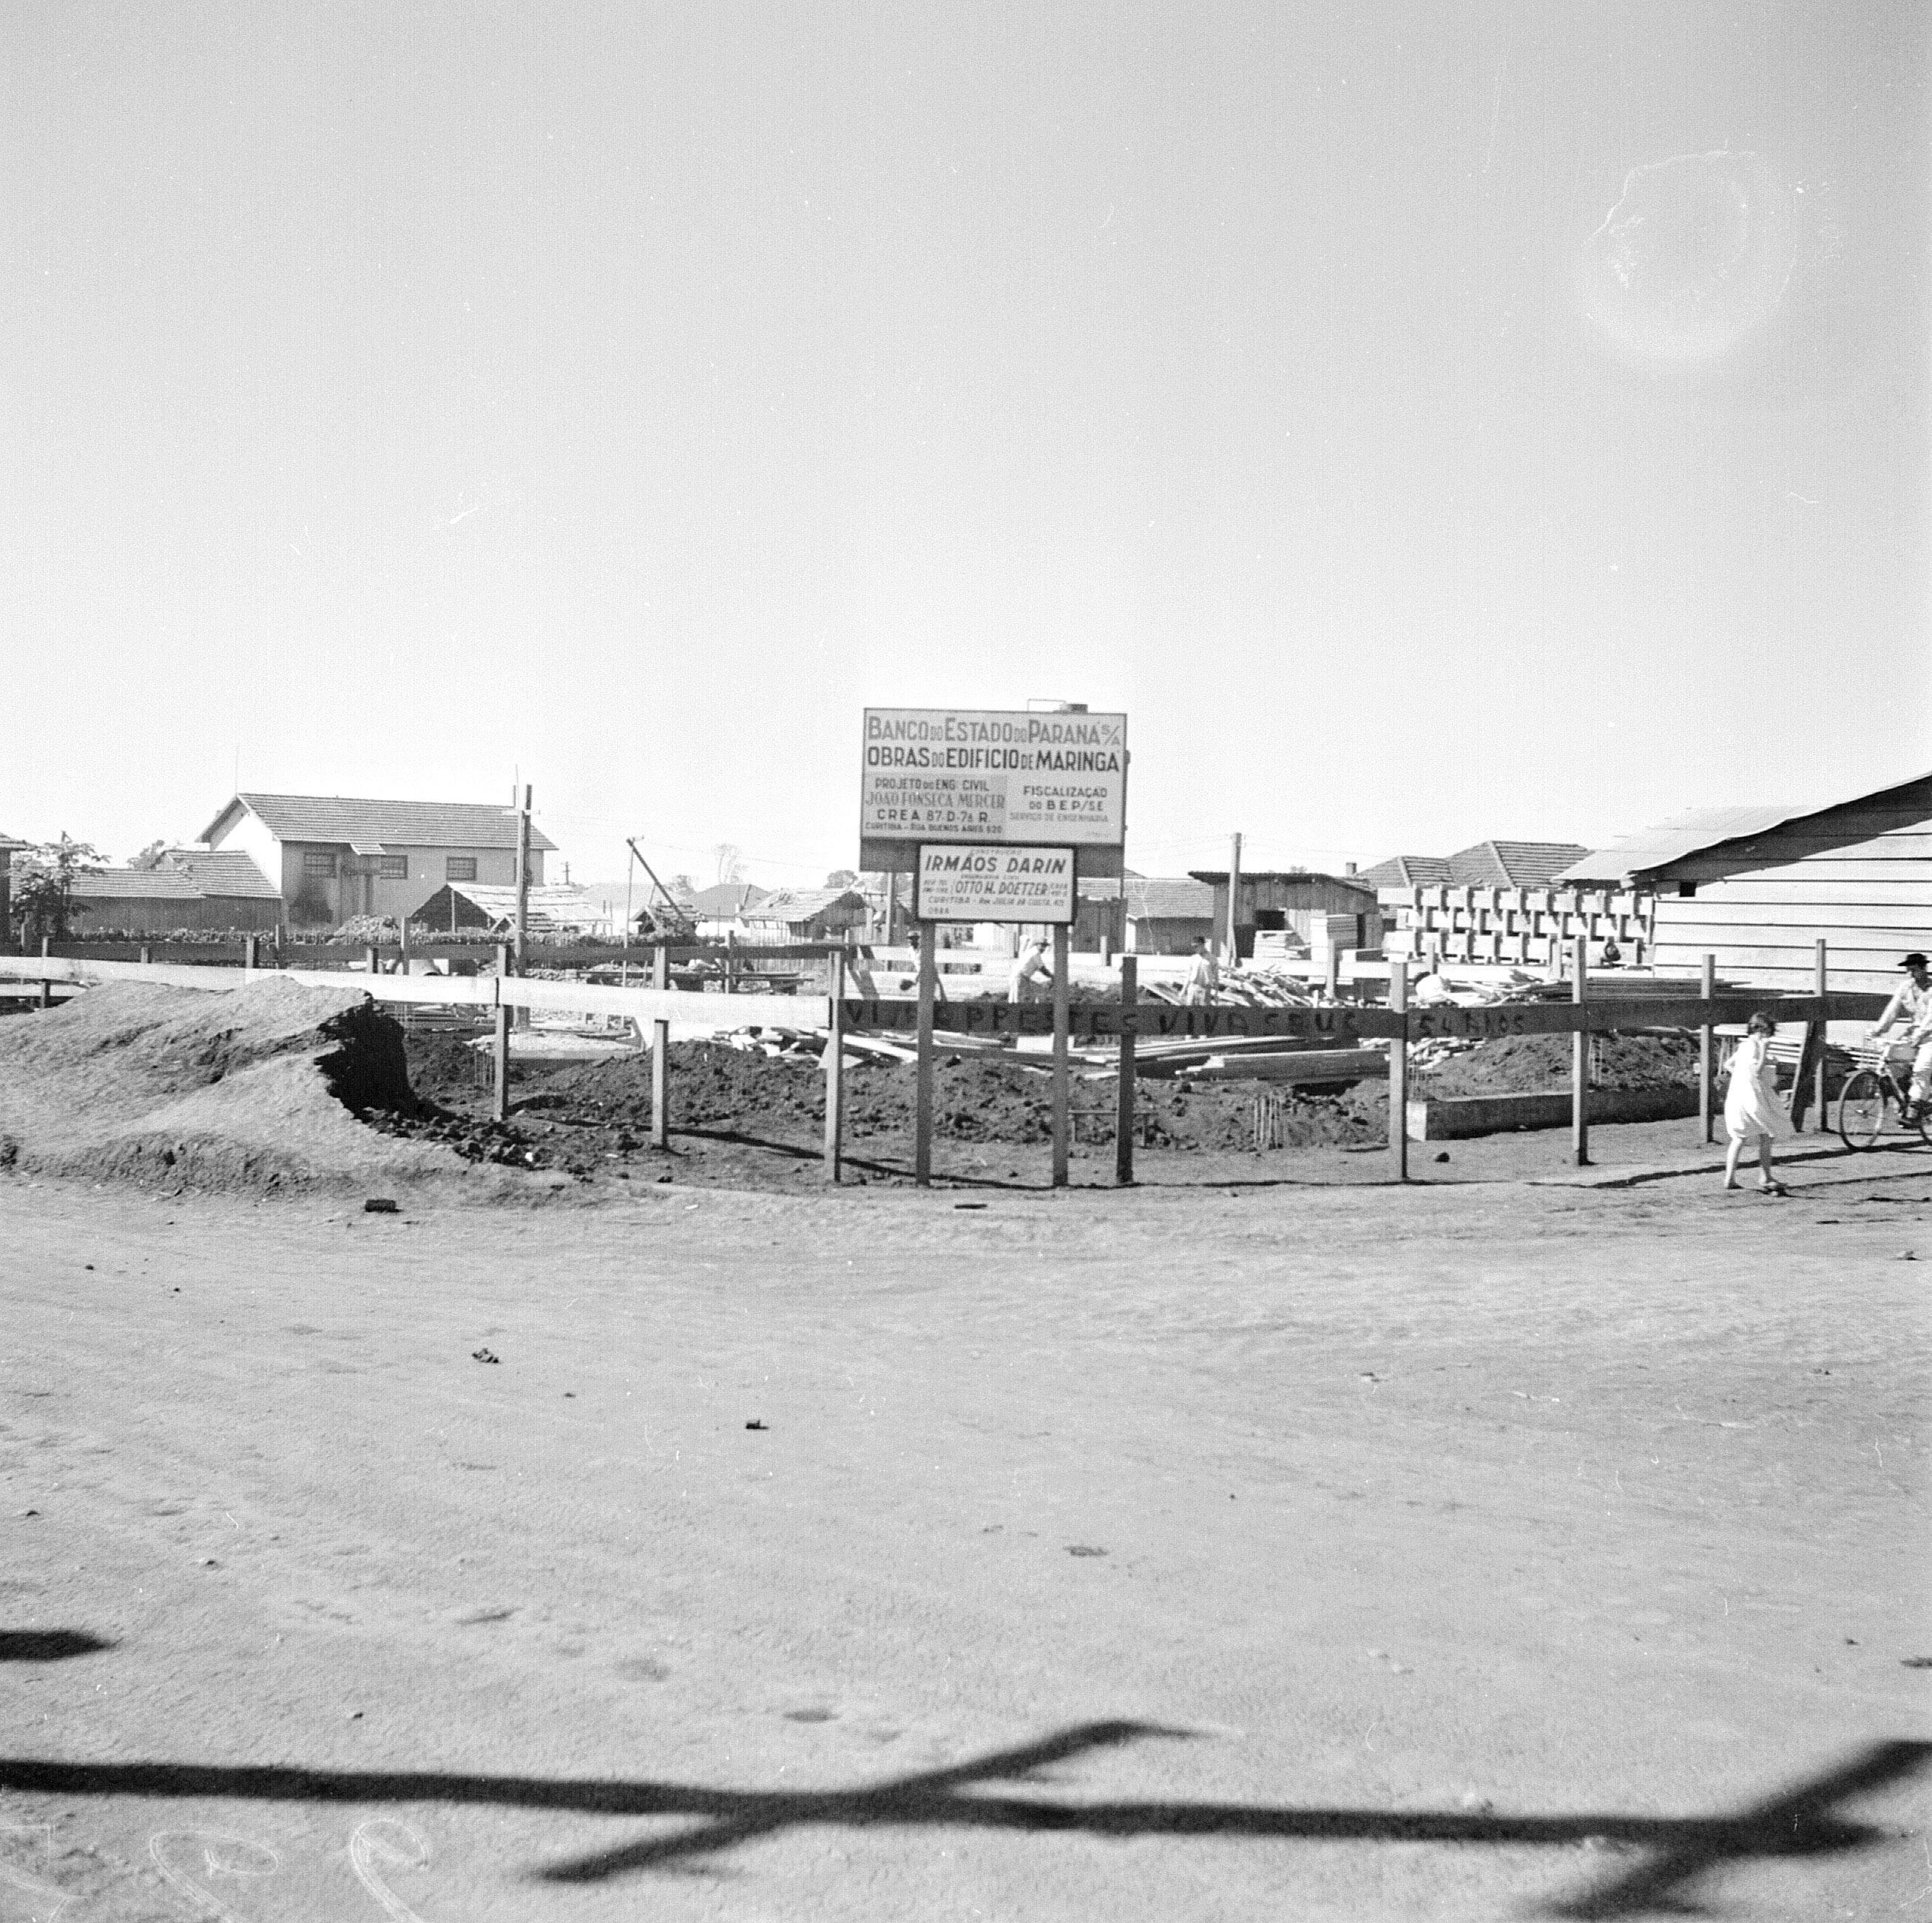 Obras do Banco do Estado do Paraná - Anos 1952